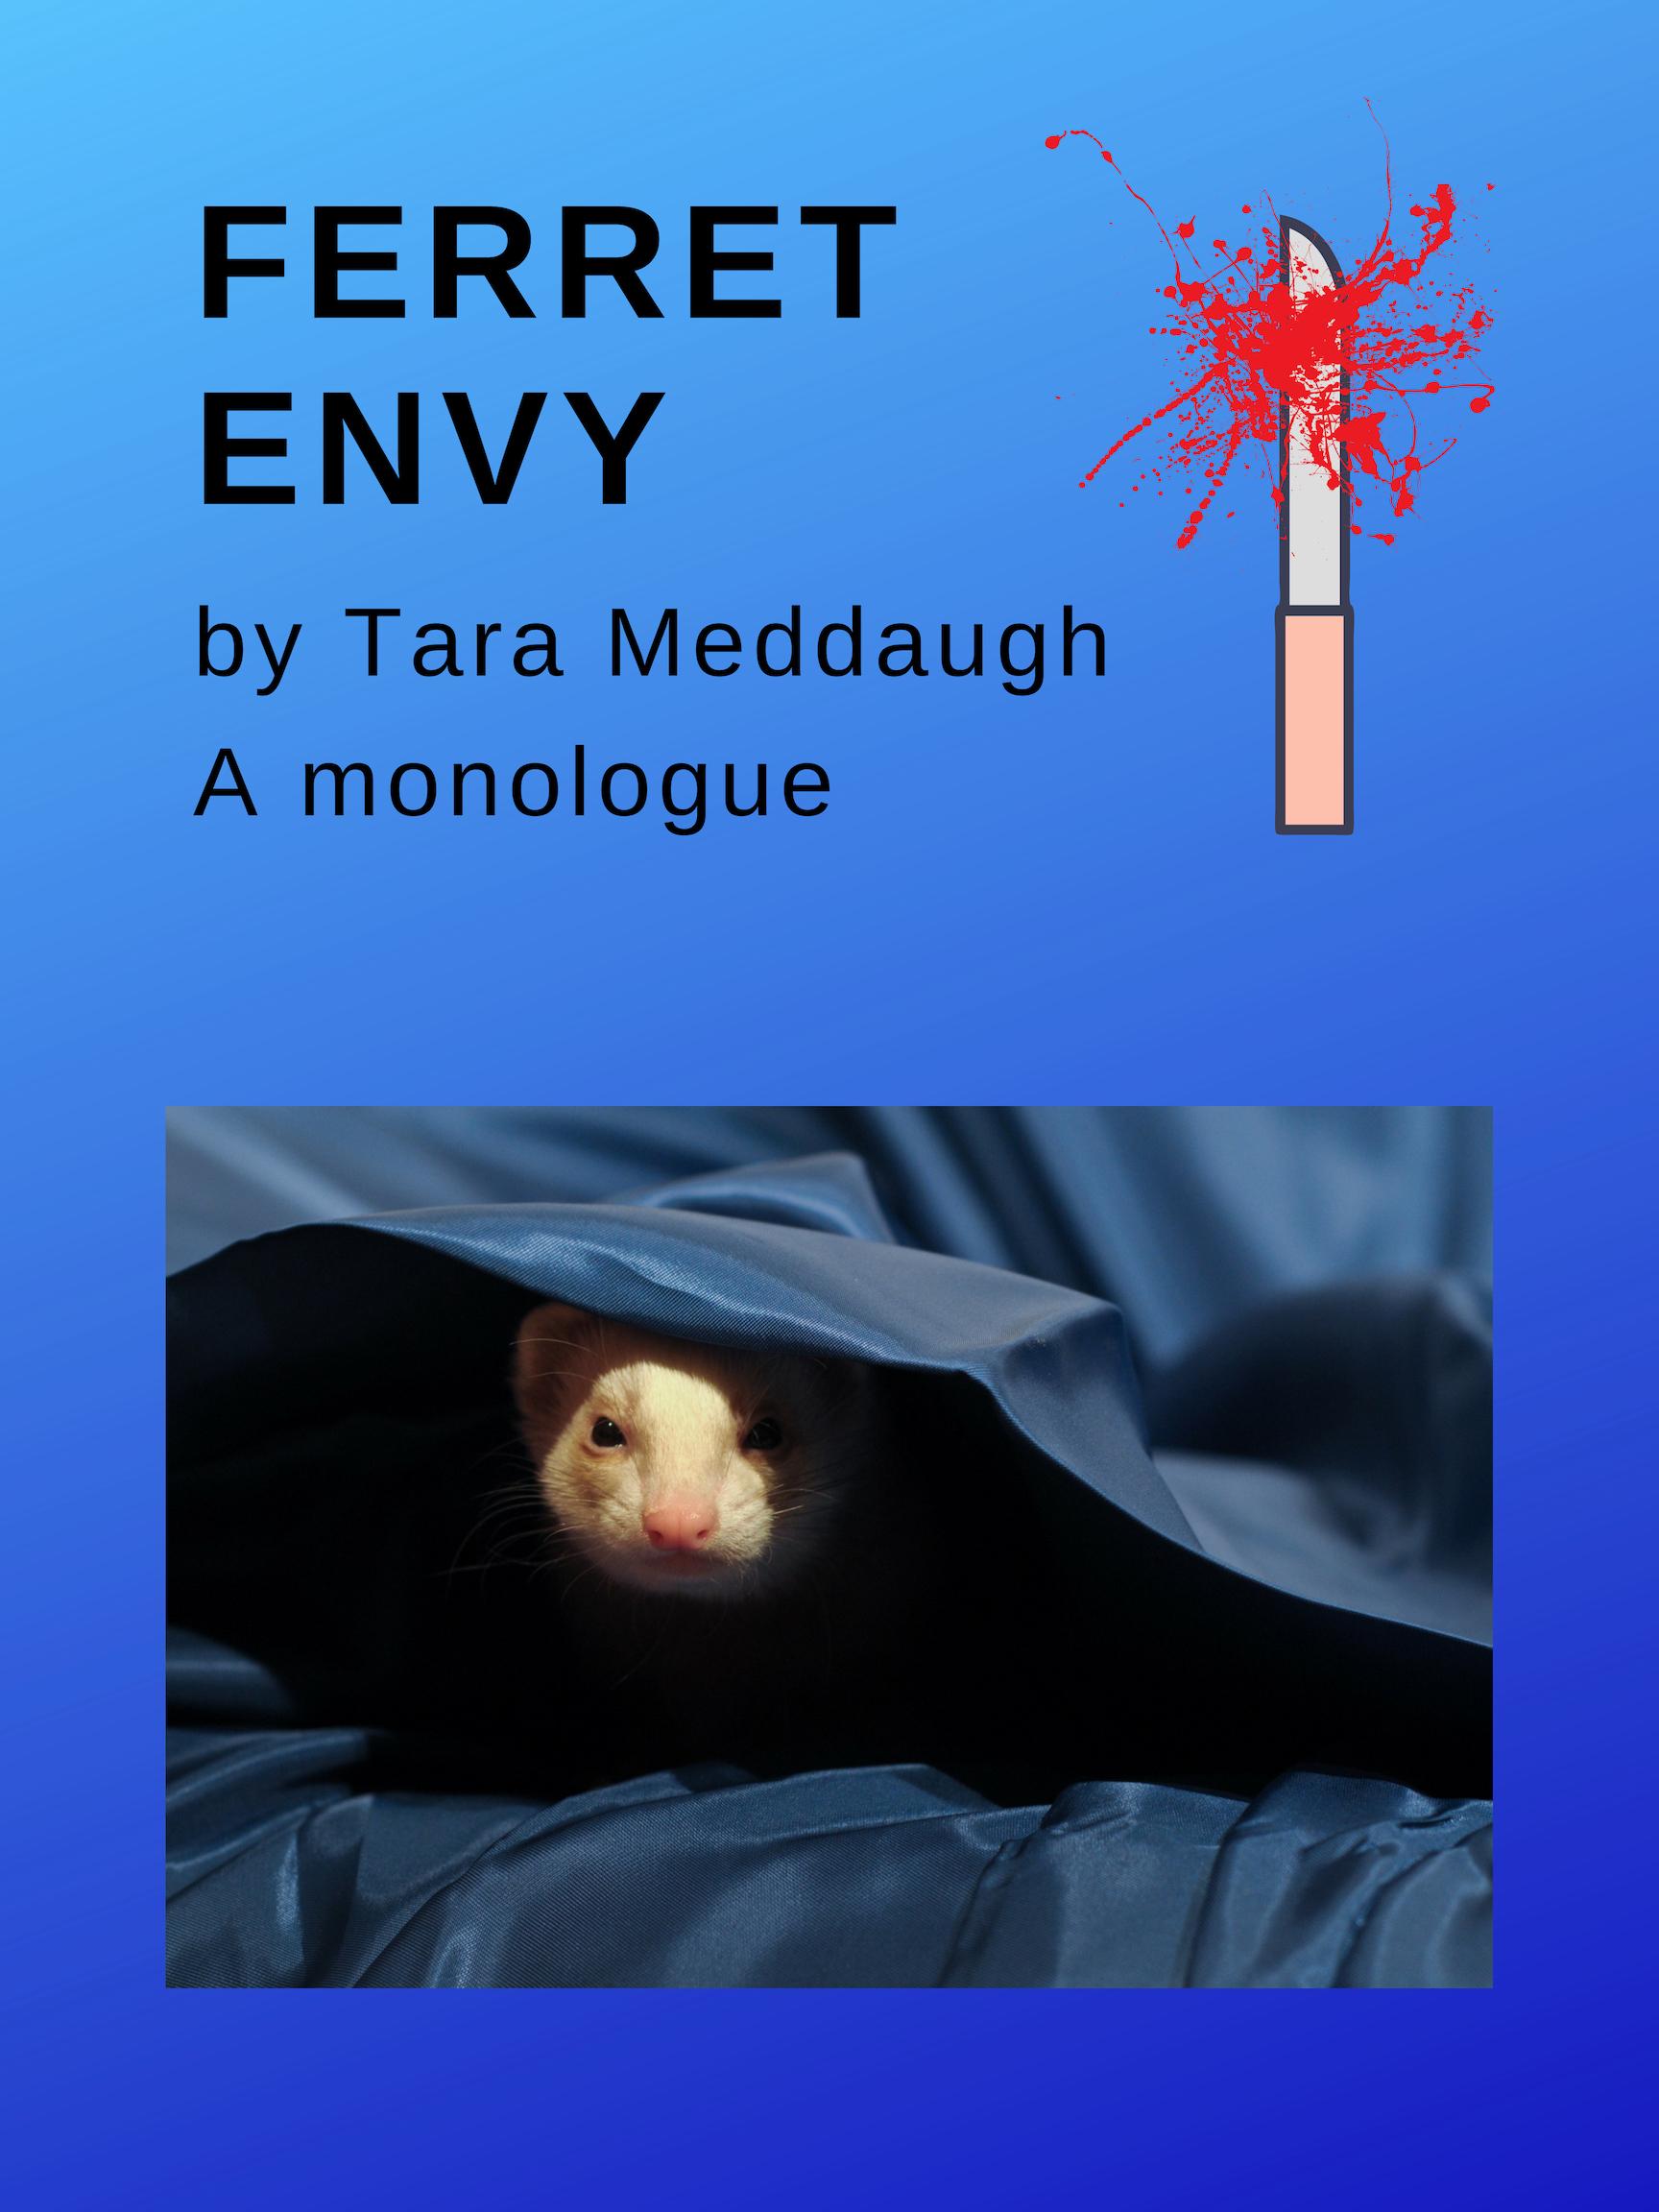 ferret Envy (1).jpg